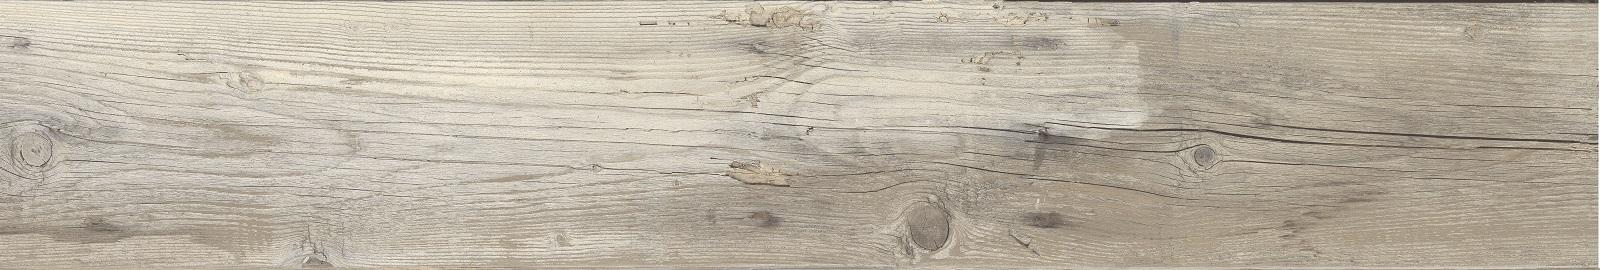 Плитка Legno Grigio (zzxlv8r) изображение 3